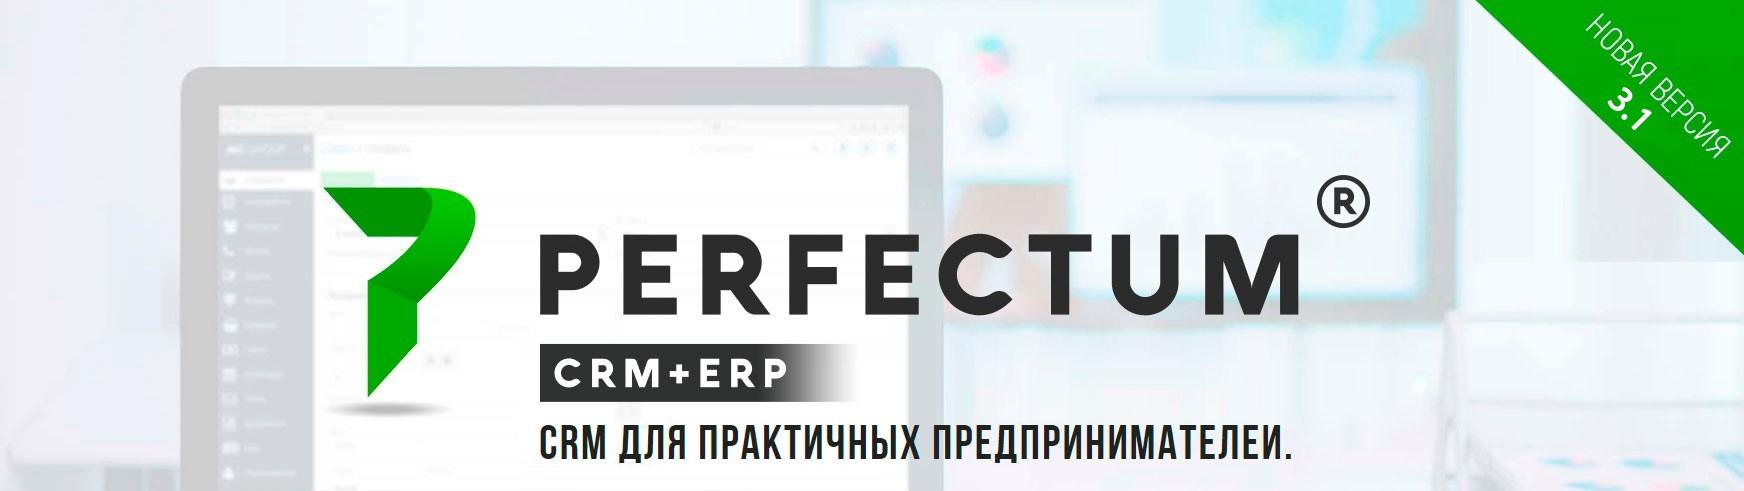 Нова версія Perfectum CRM + ERP 3.1